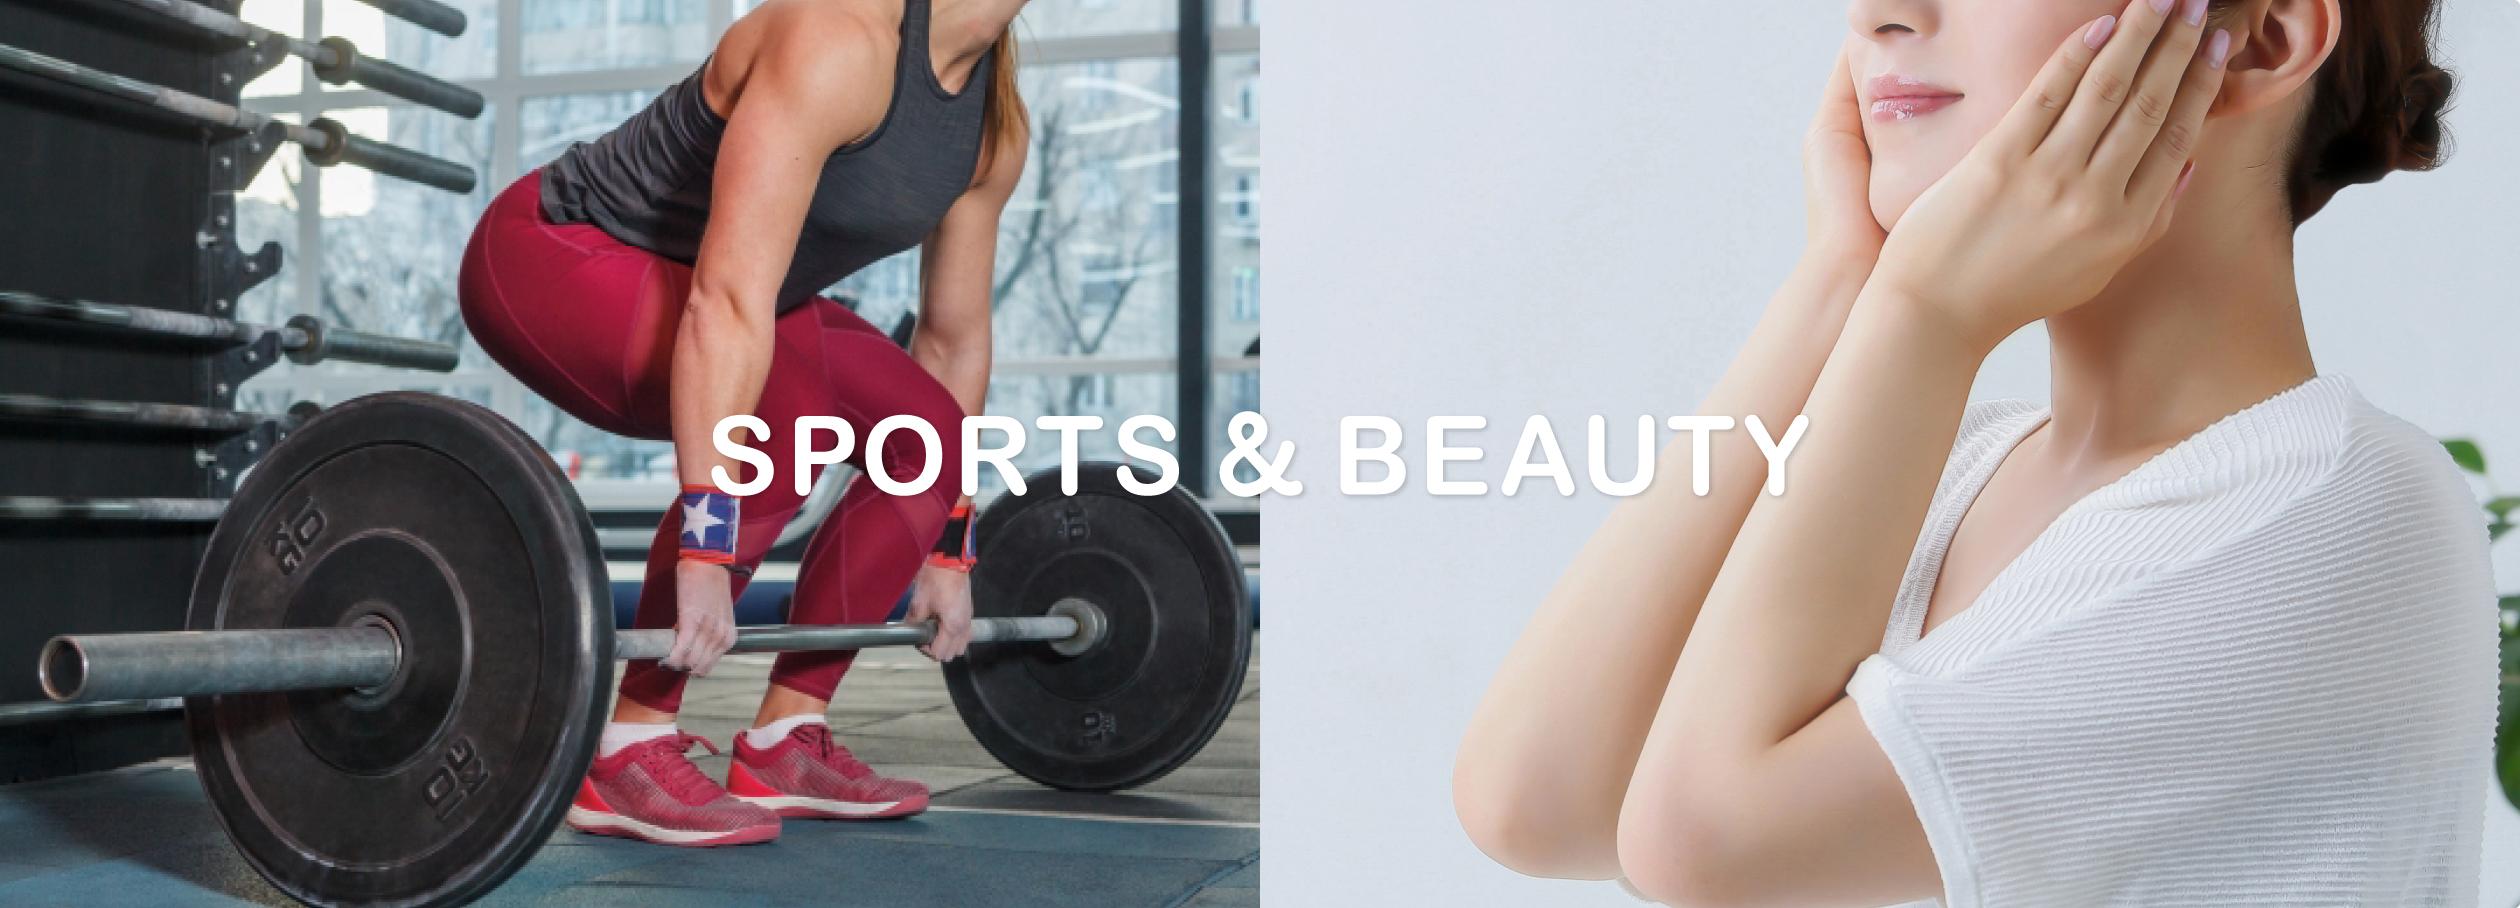 sport&beauty